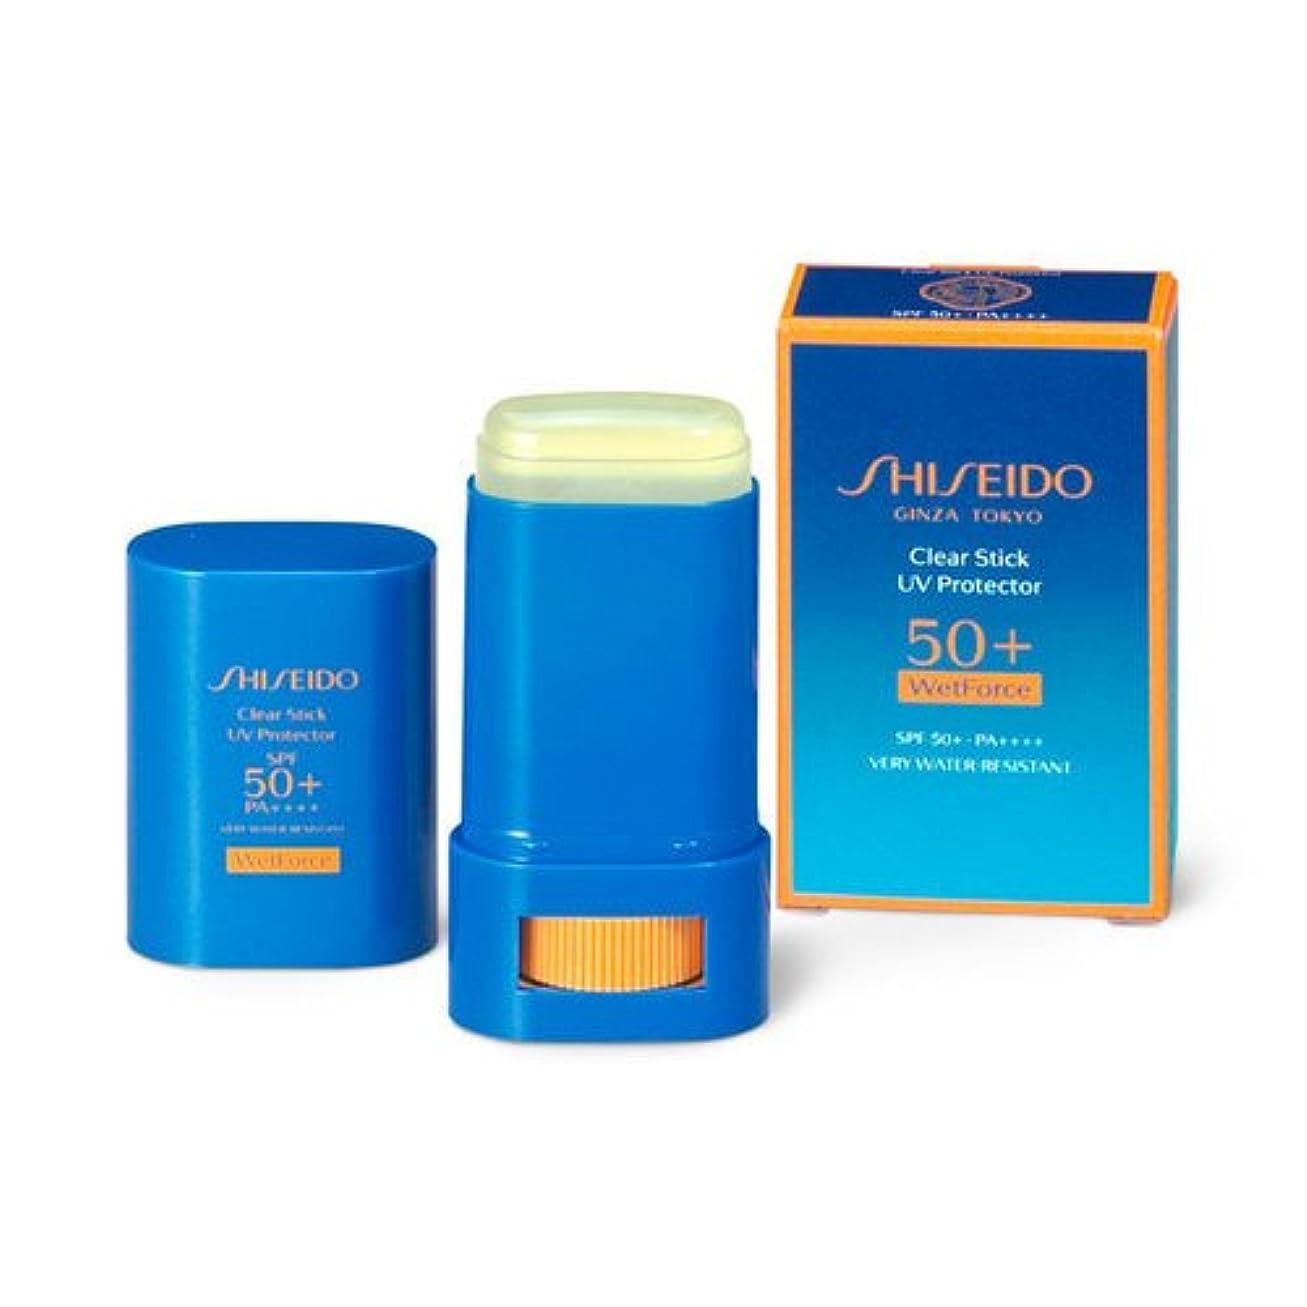 人気のベアリングサークルグレーSHISEIDO Suncare(資生堂 サンケア) SHISEIDO(資生堂) クリアスティック UVプロテクター 15g